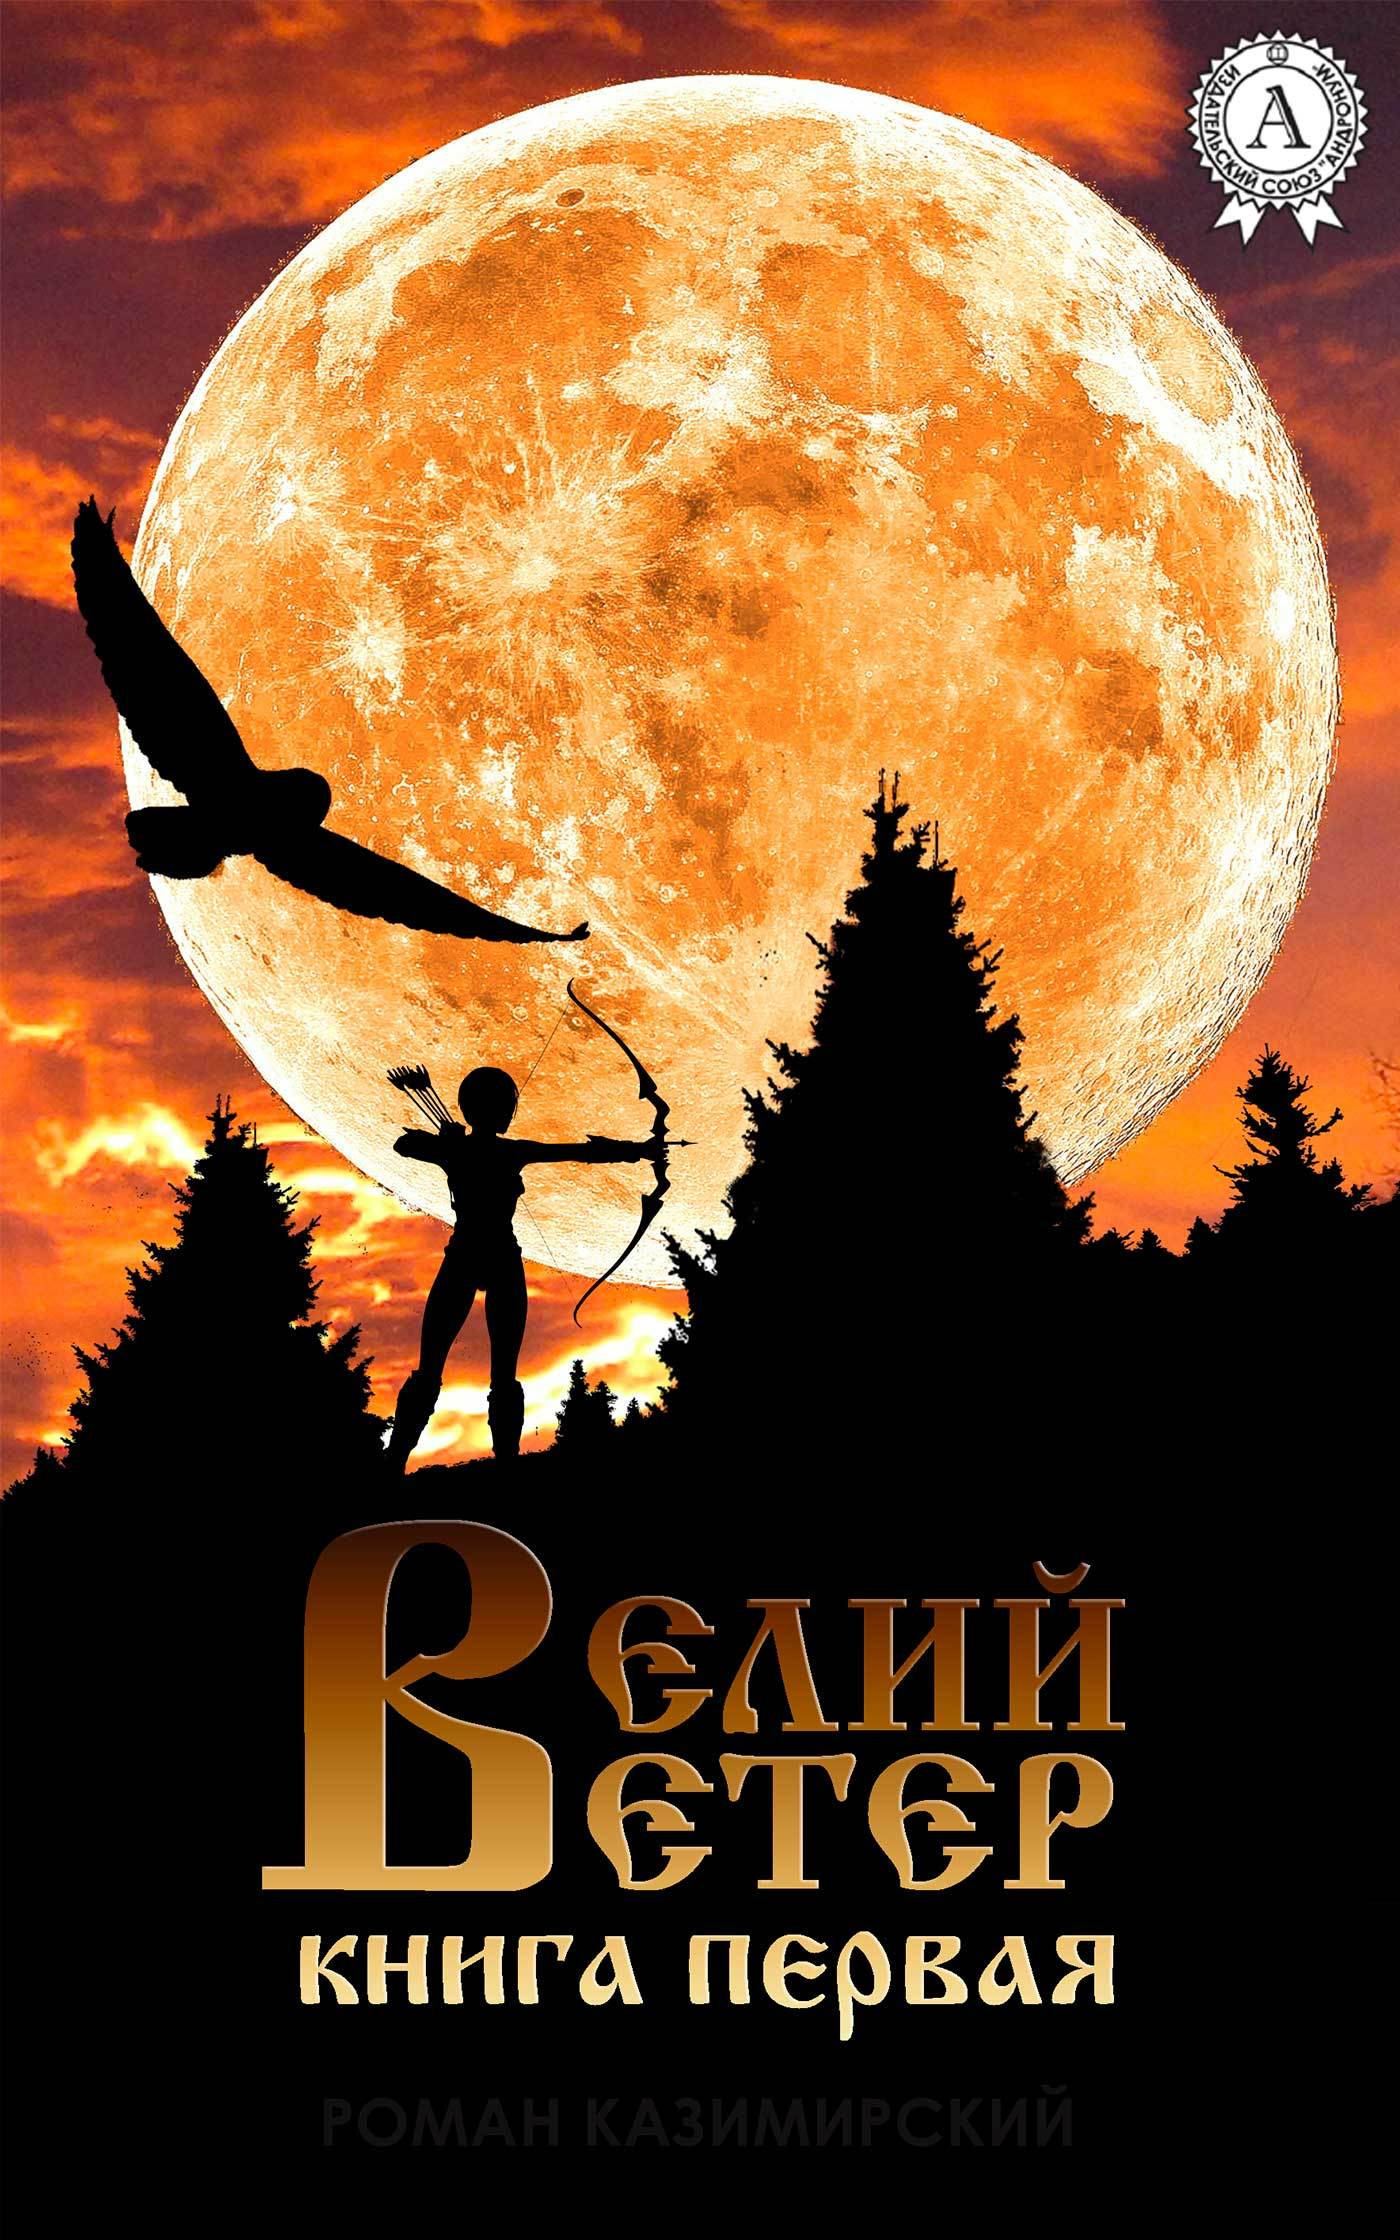 Роман Казимирский - Велий ветер. Книга 1